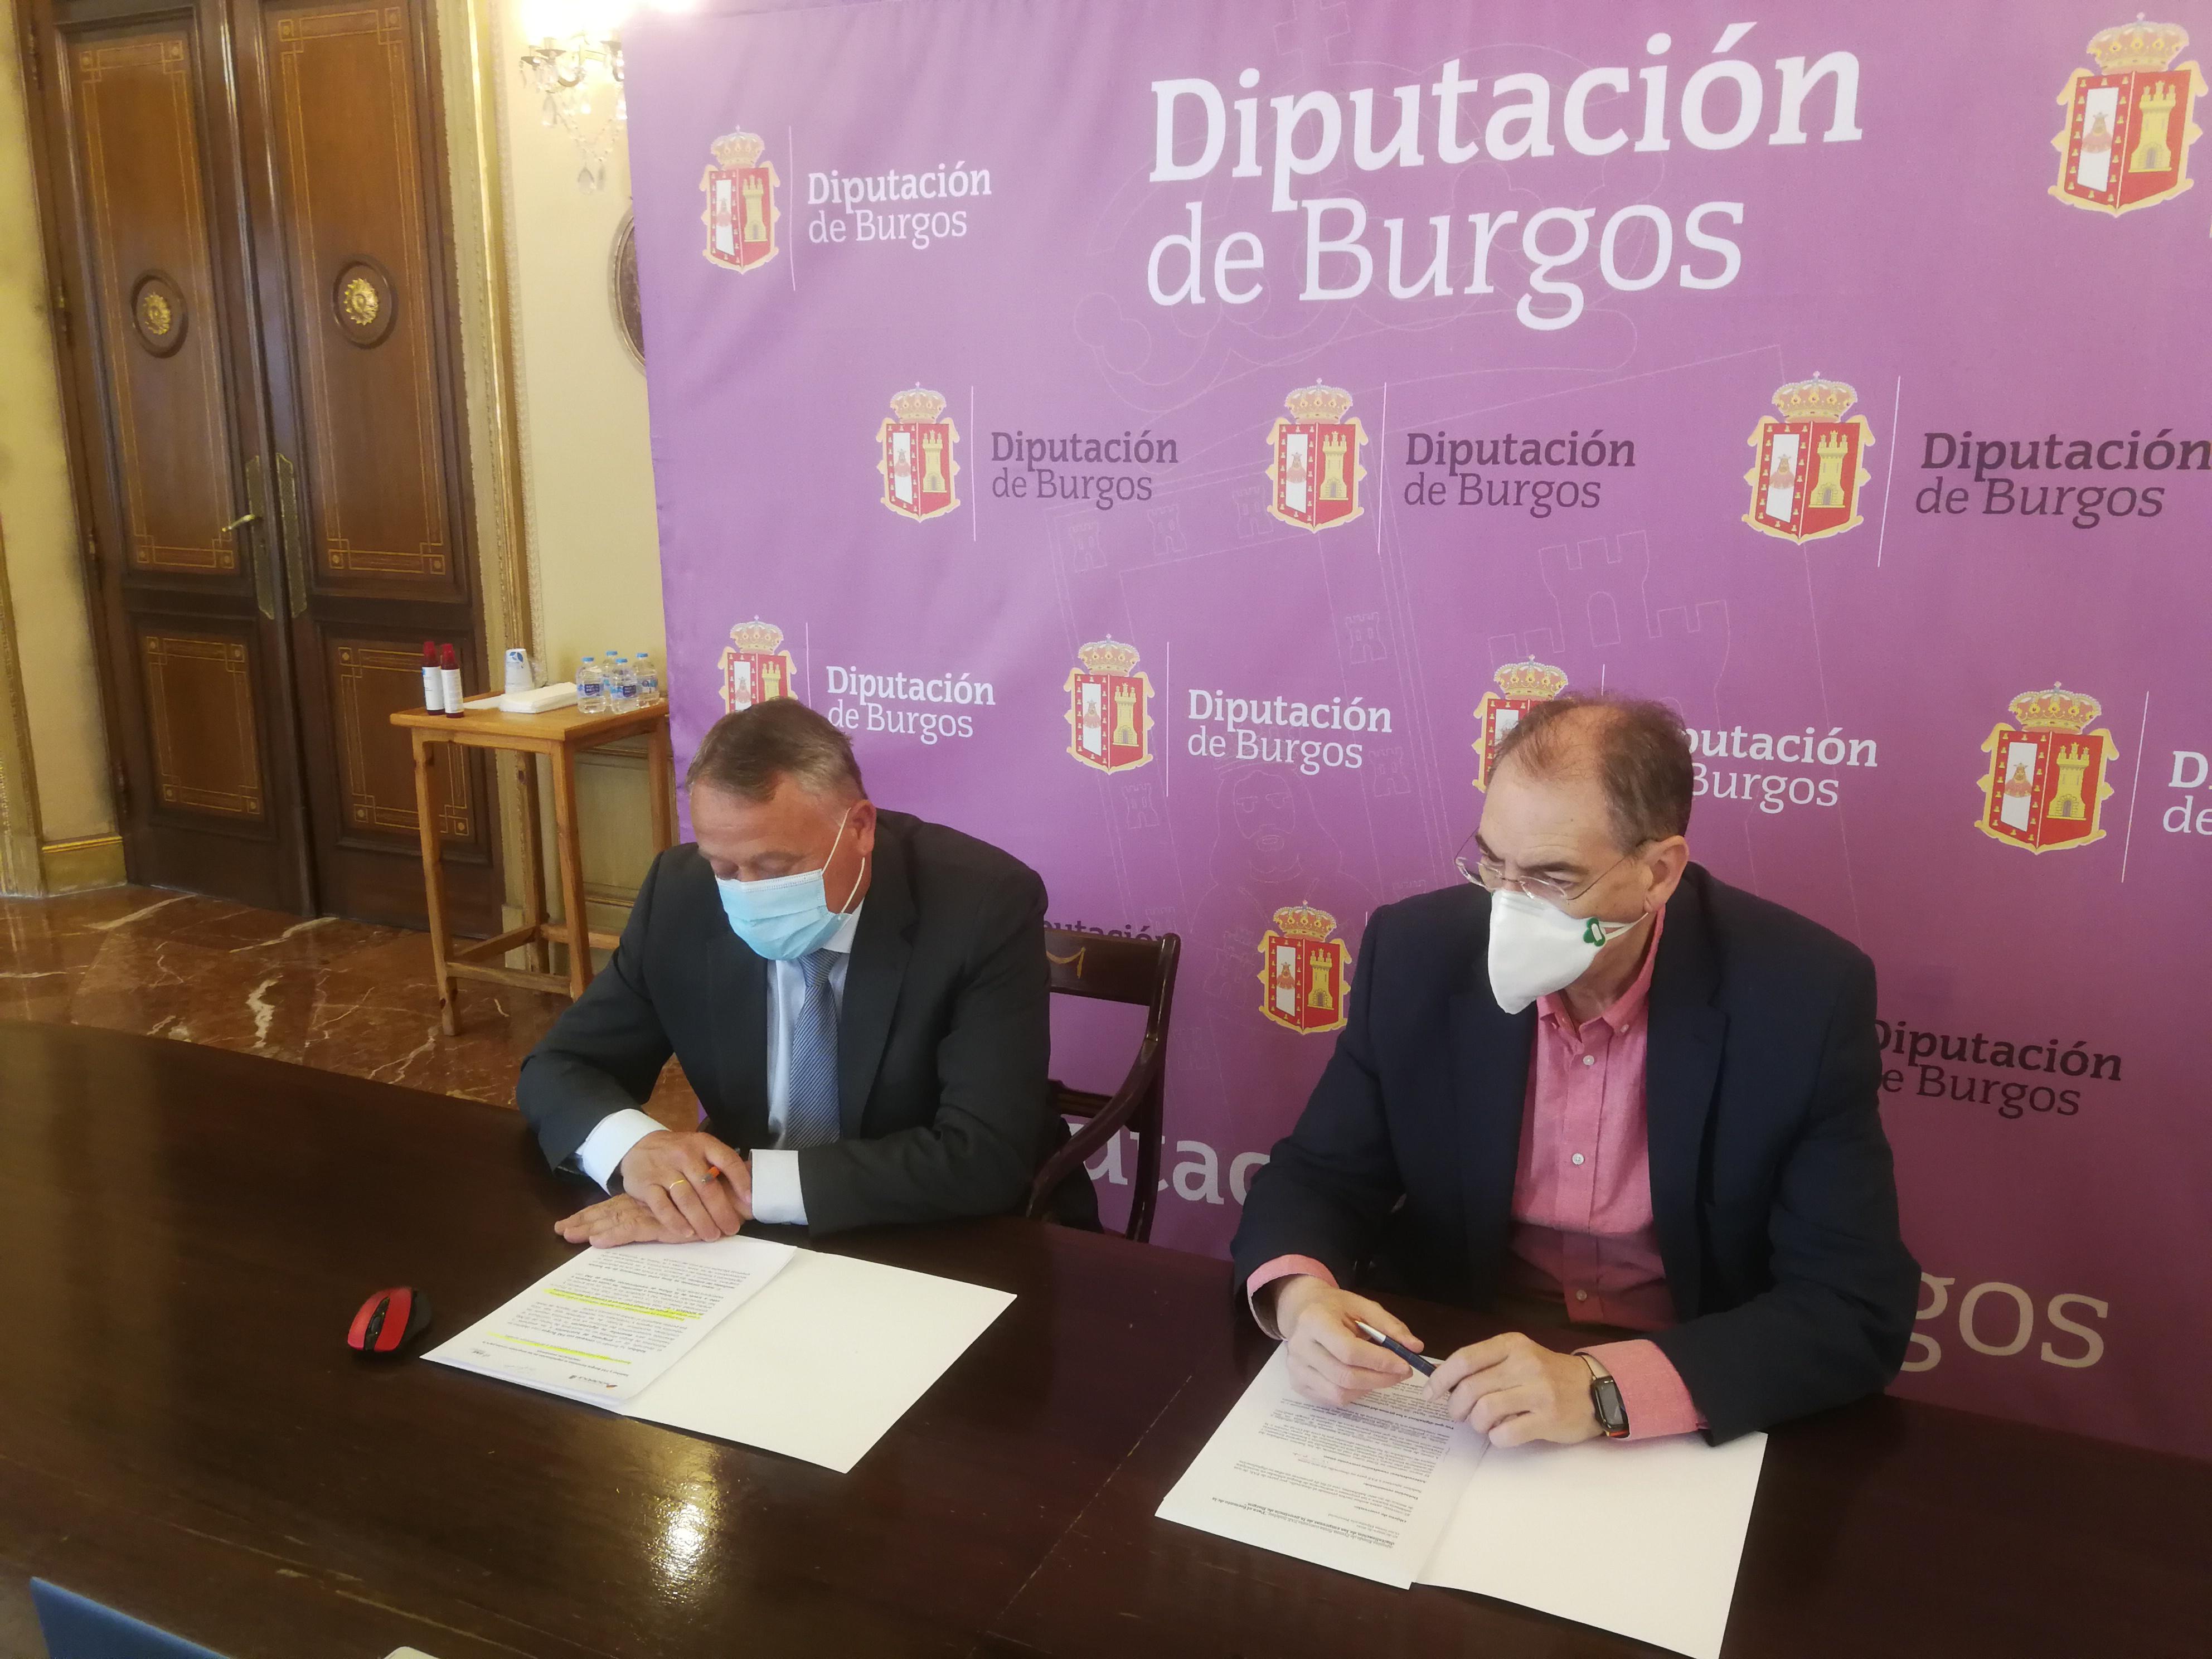 Sodebur y FAE Burgos fomentan la digitalización de las empresas ruralespara la reactivación económica